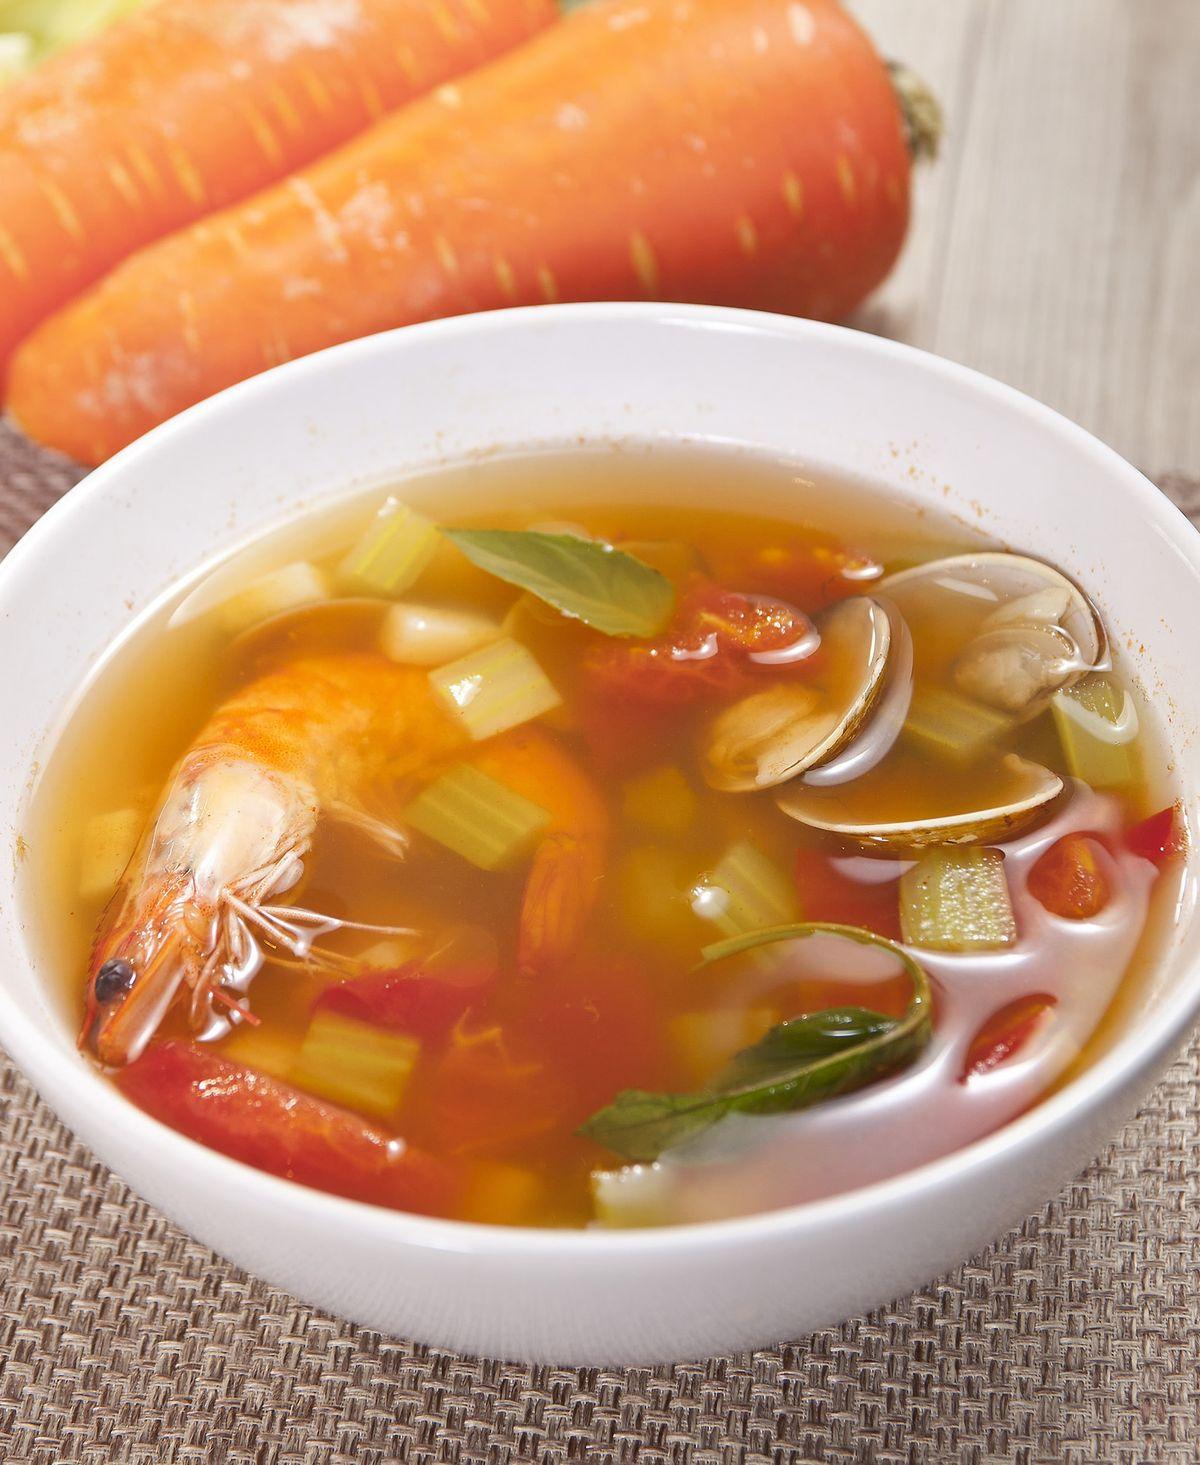 食譜:匈牙利紅椒海鮮蔬菜湯